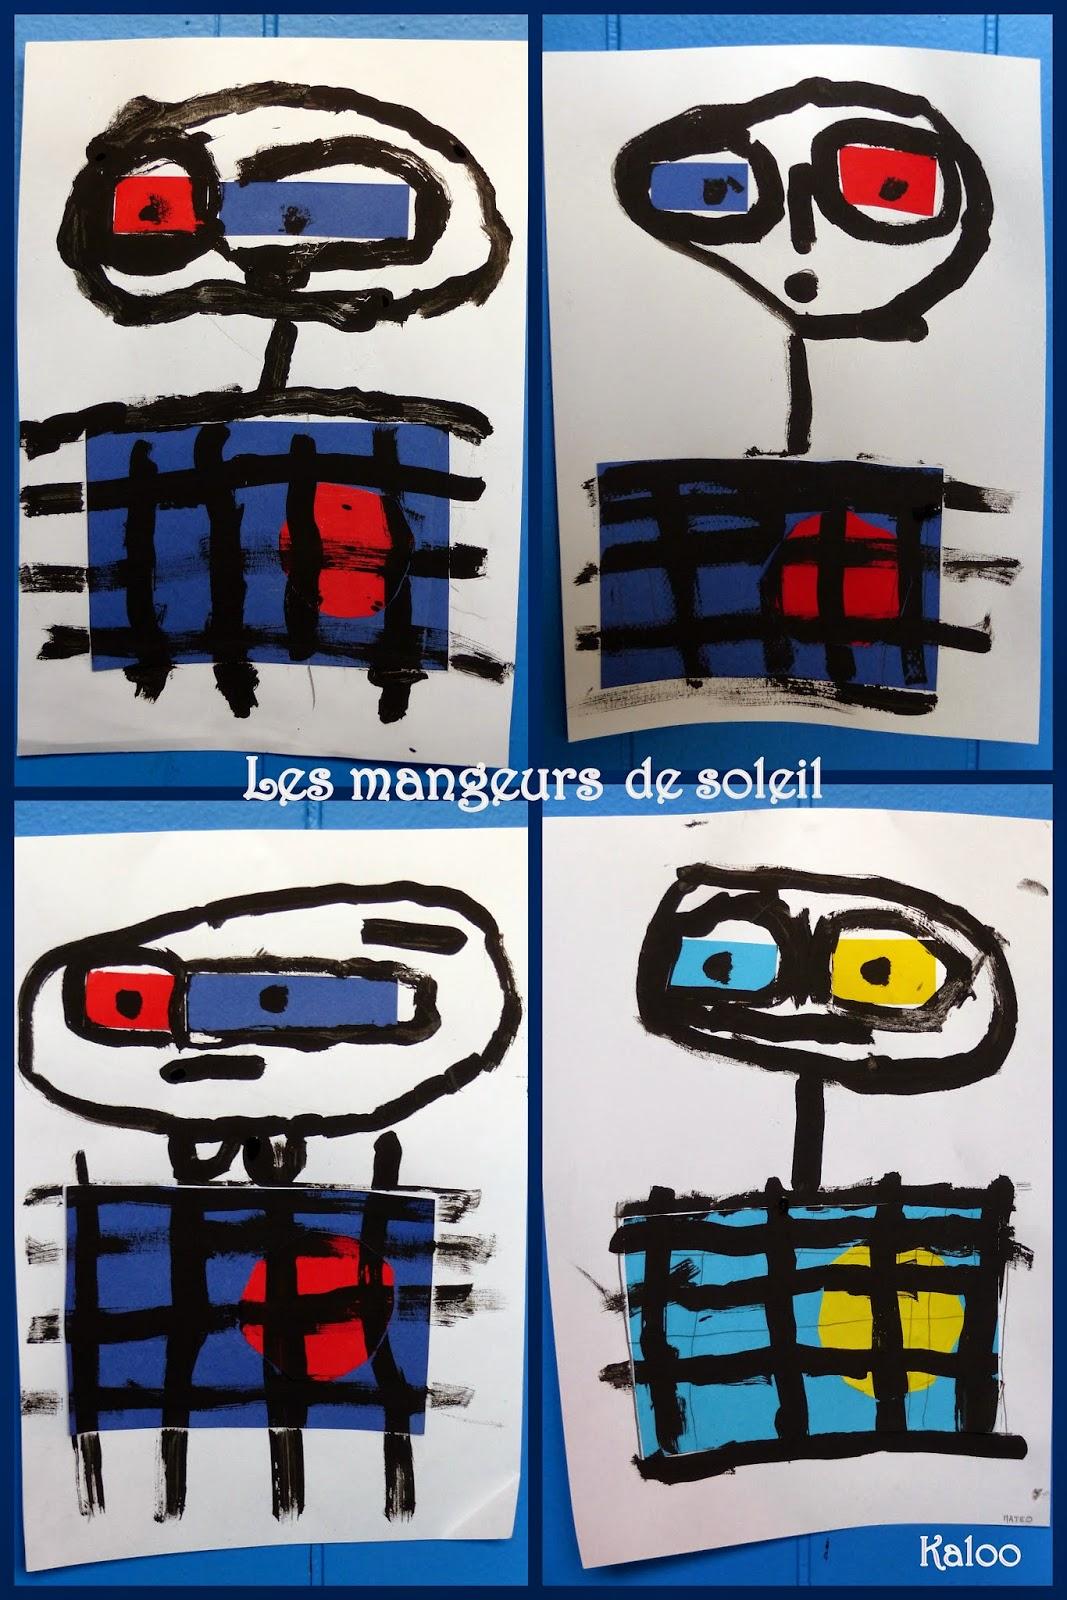 Joan Miro - La mangeur de soleil en MS